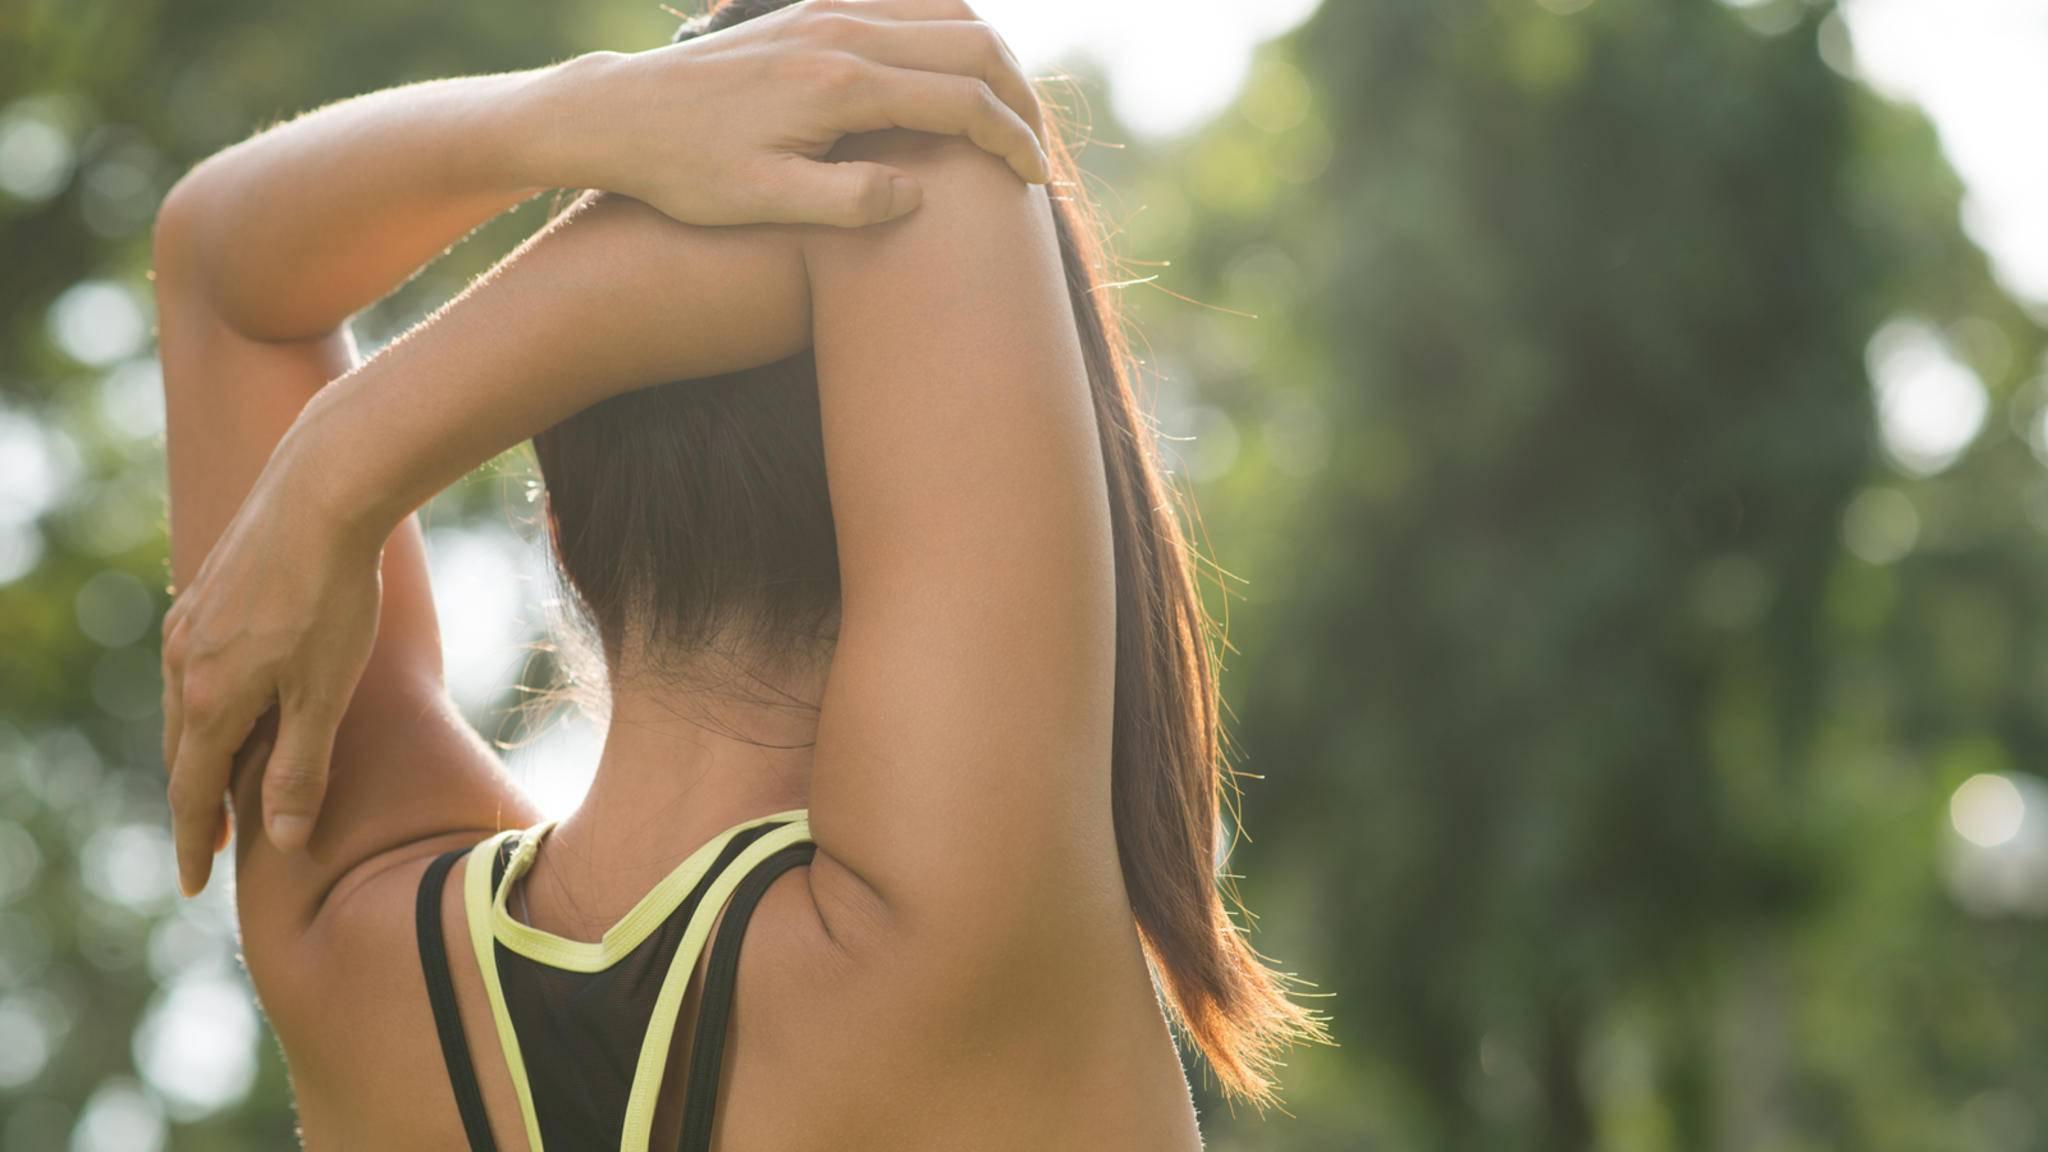 Um das empfindliche Schultergelenk zu schützen, sollten die Schultern regelmäßig trainiert werden.